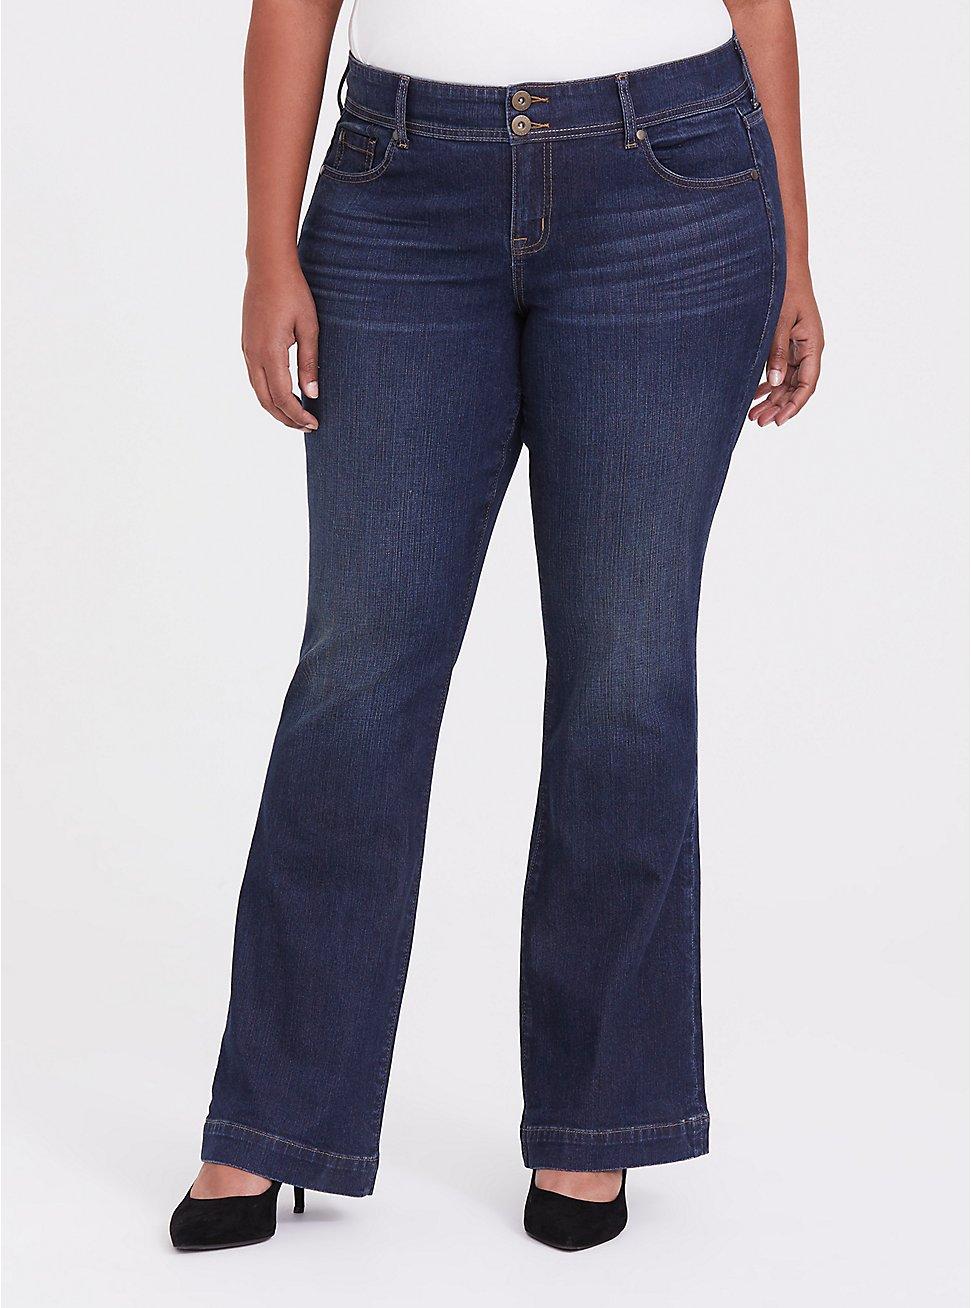 Flare Jean - Vintage Stretch Dark Wash, BLINDSIDE, hi-res